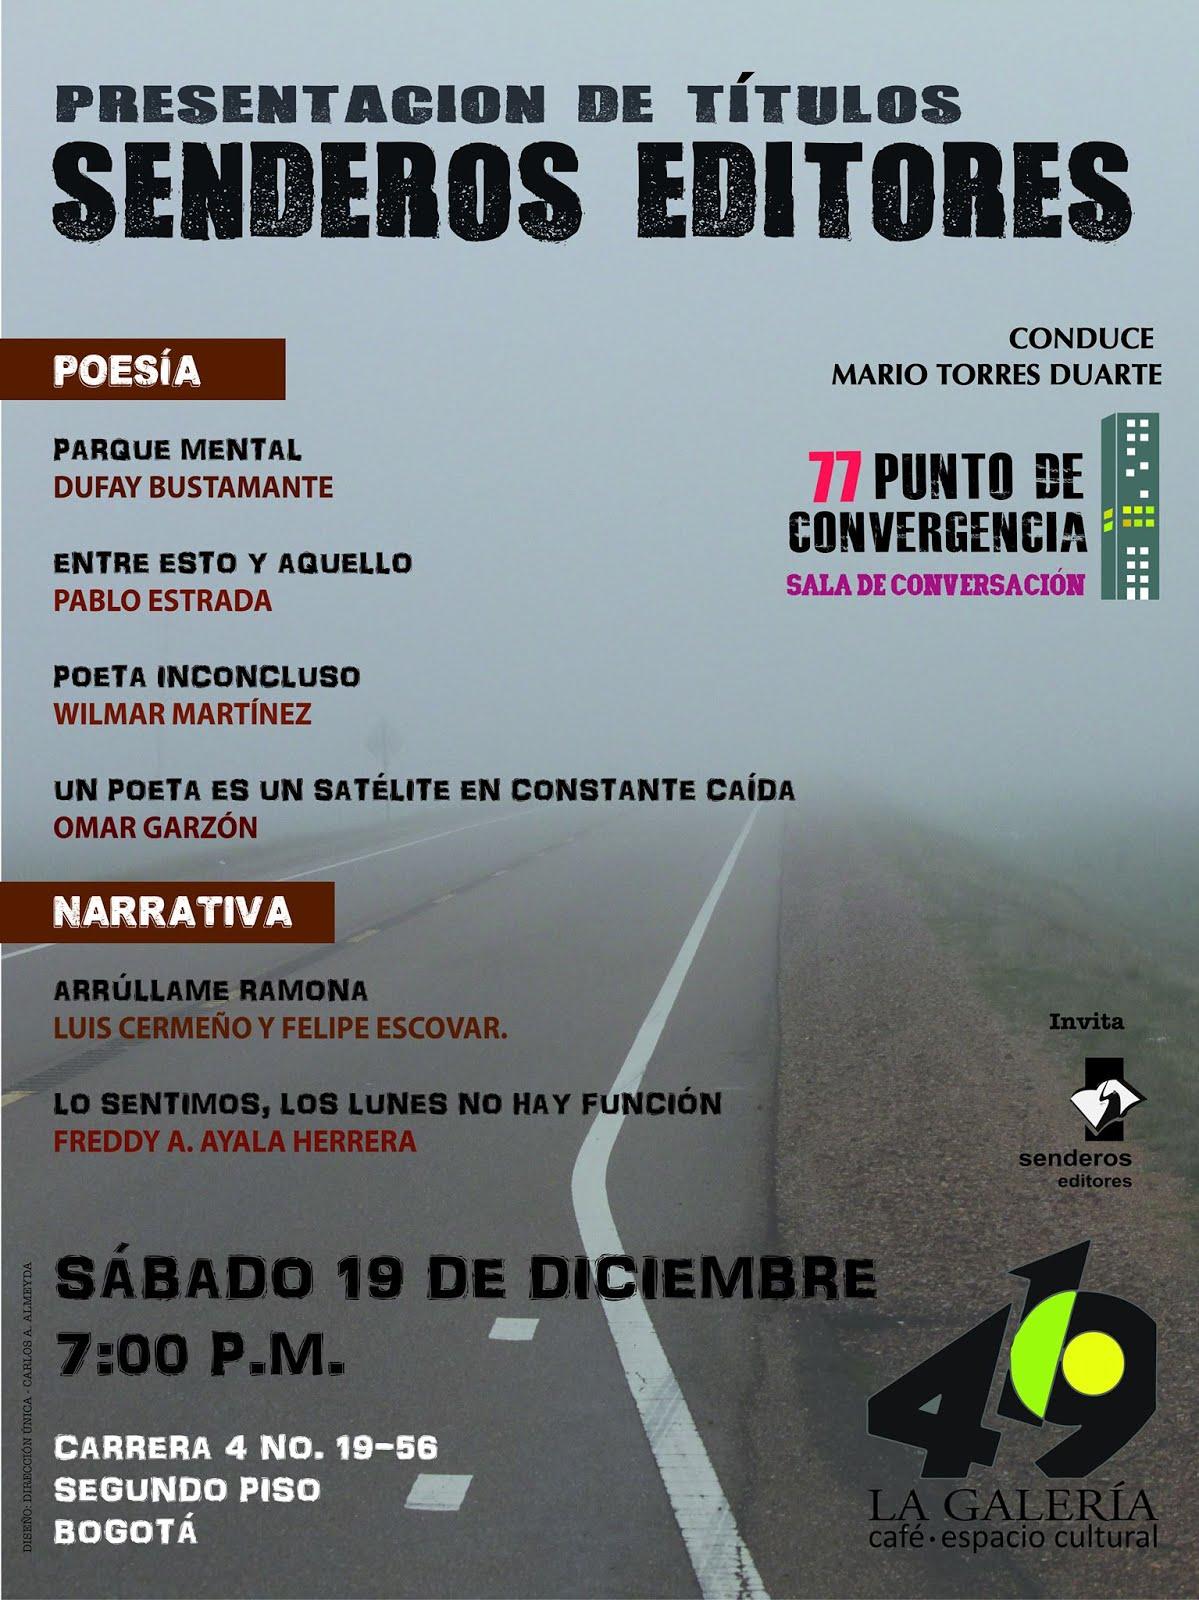 Presentación de Senderos Editores en La Galería 419, Bogotá.